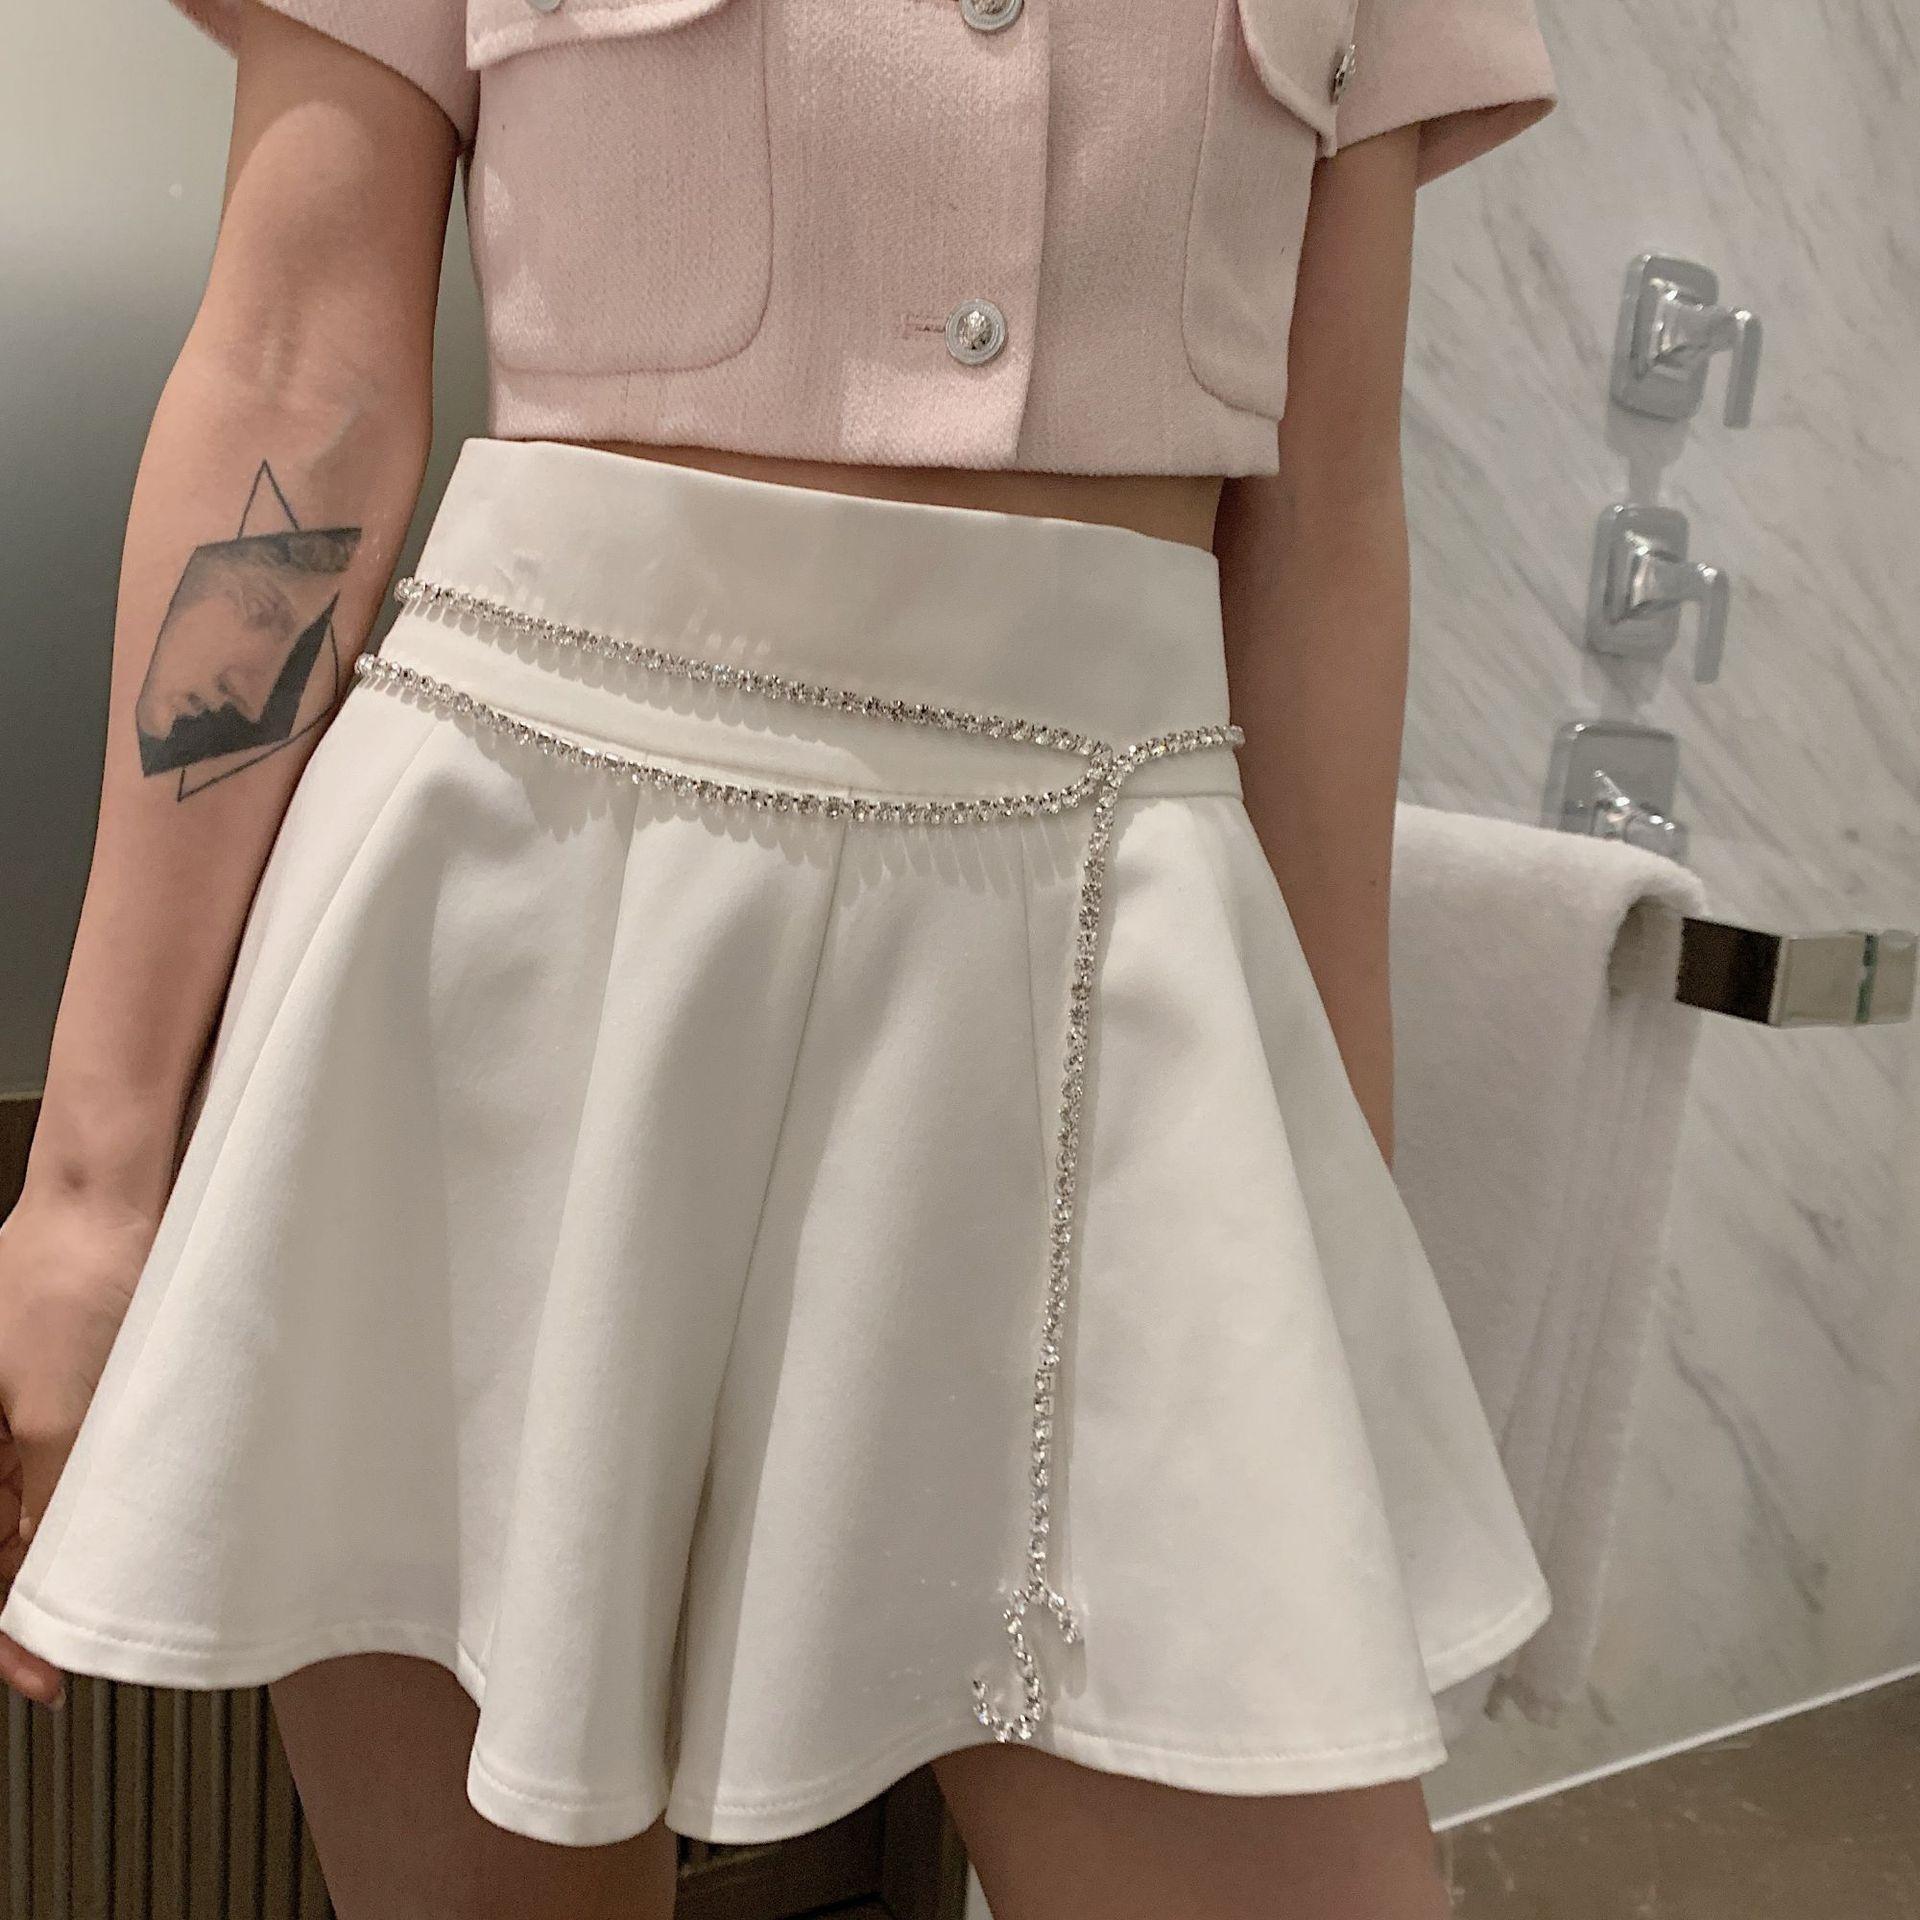 XlmCy ors6K pantalons vêtements pour femmes 2020 d'été et f nouvelle élégante minceur tout match volanté parfum haut pantalon en forme une jupe taille